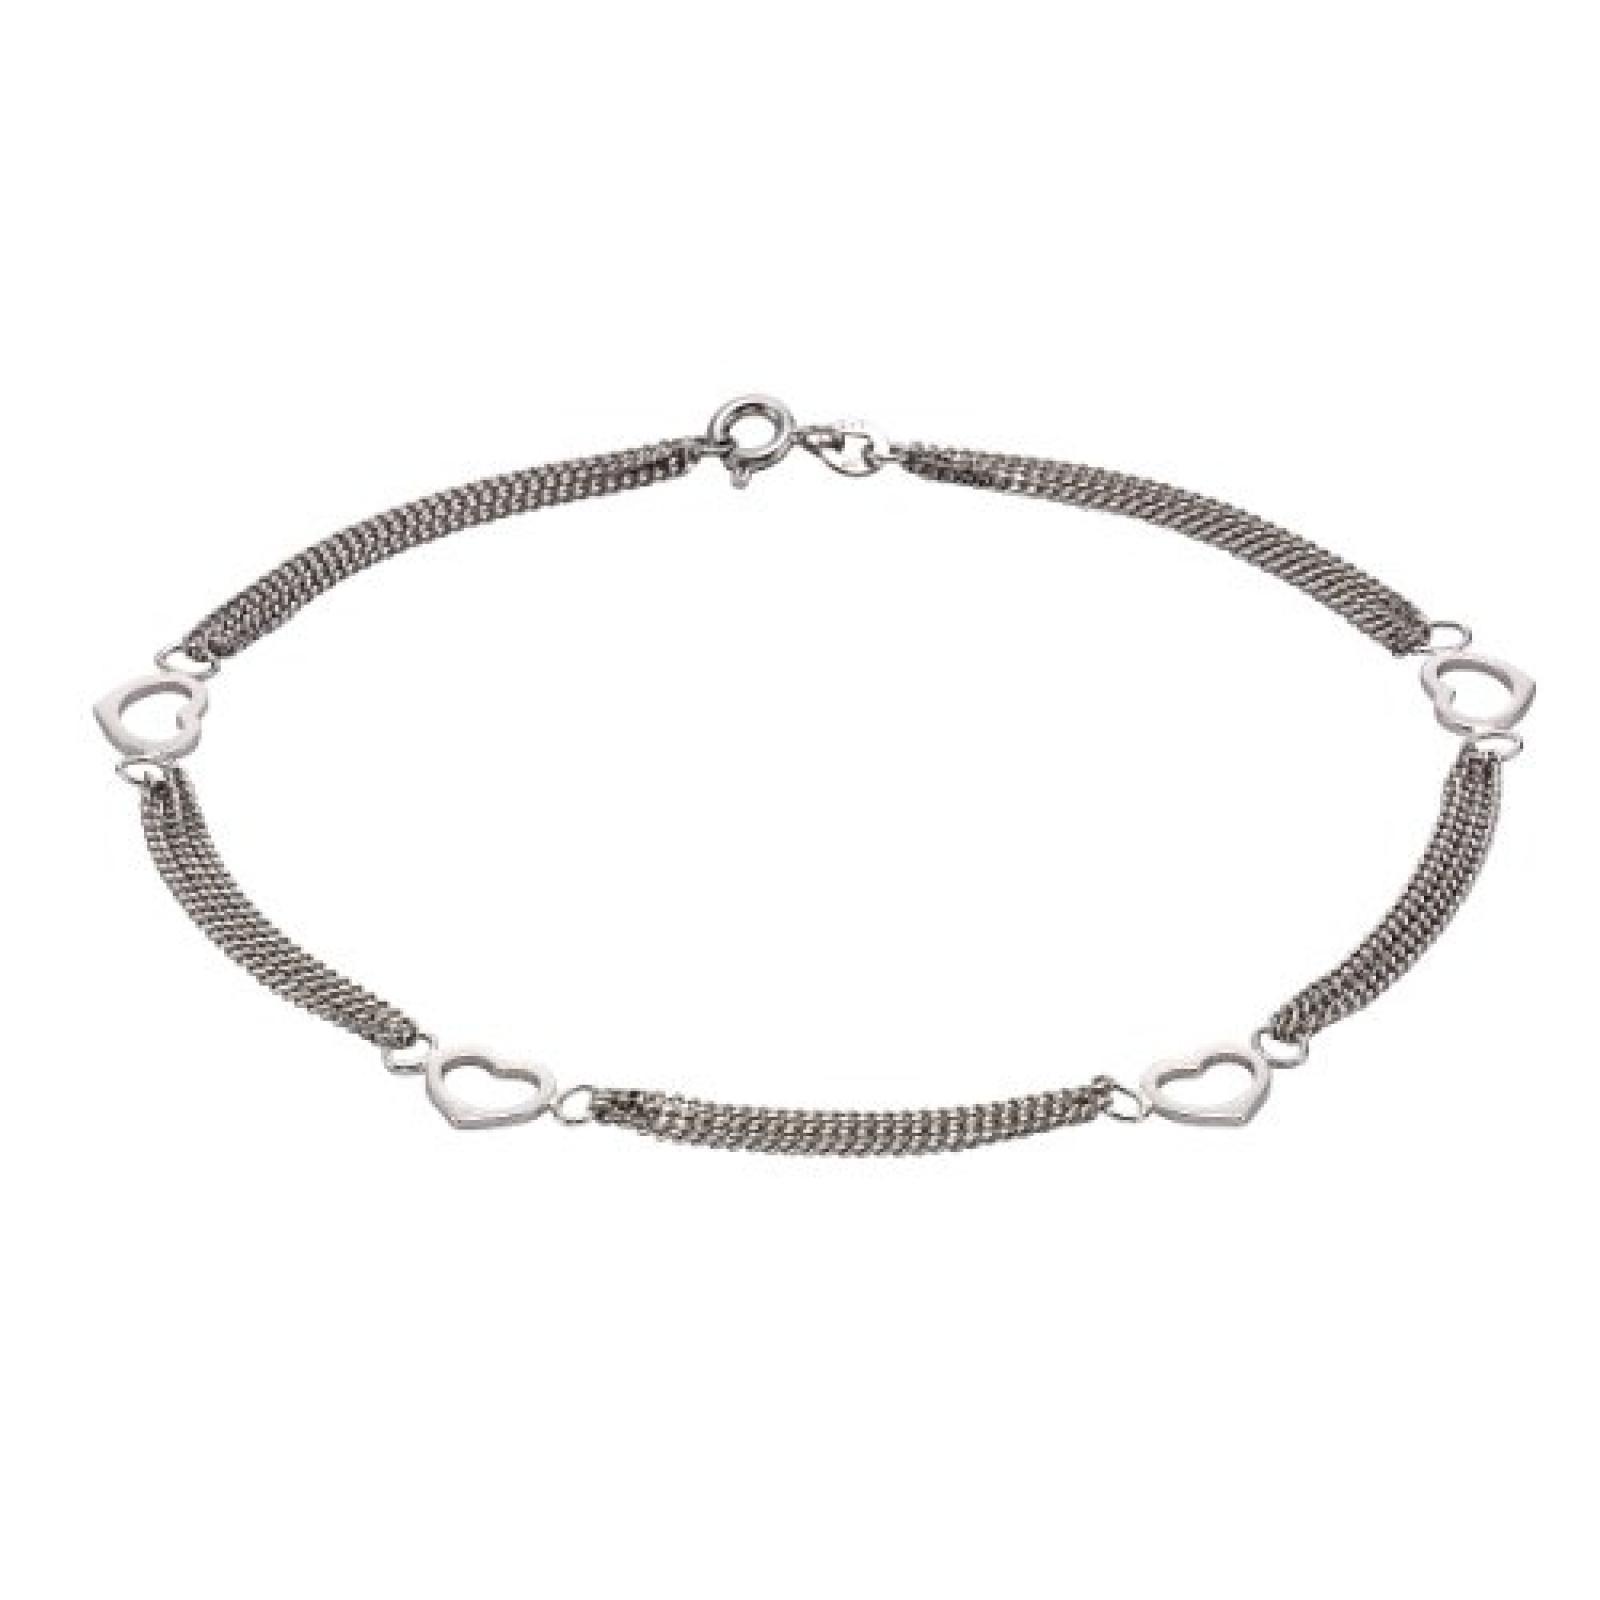 ZEEme Damenfußkette 925/- Sterling Silber 25cm 299200025R